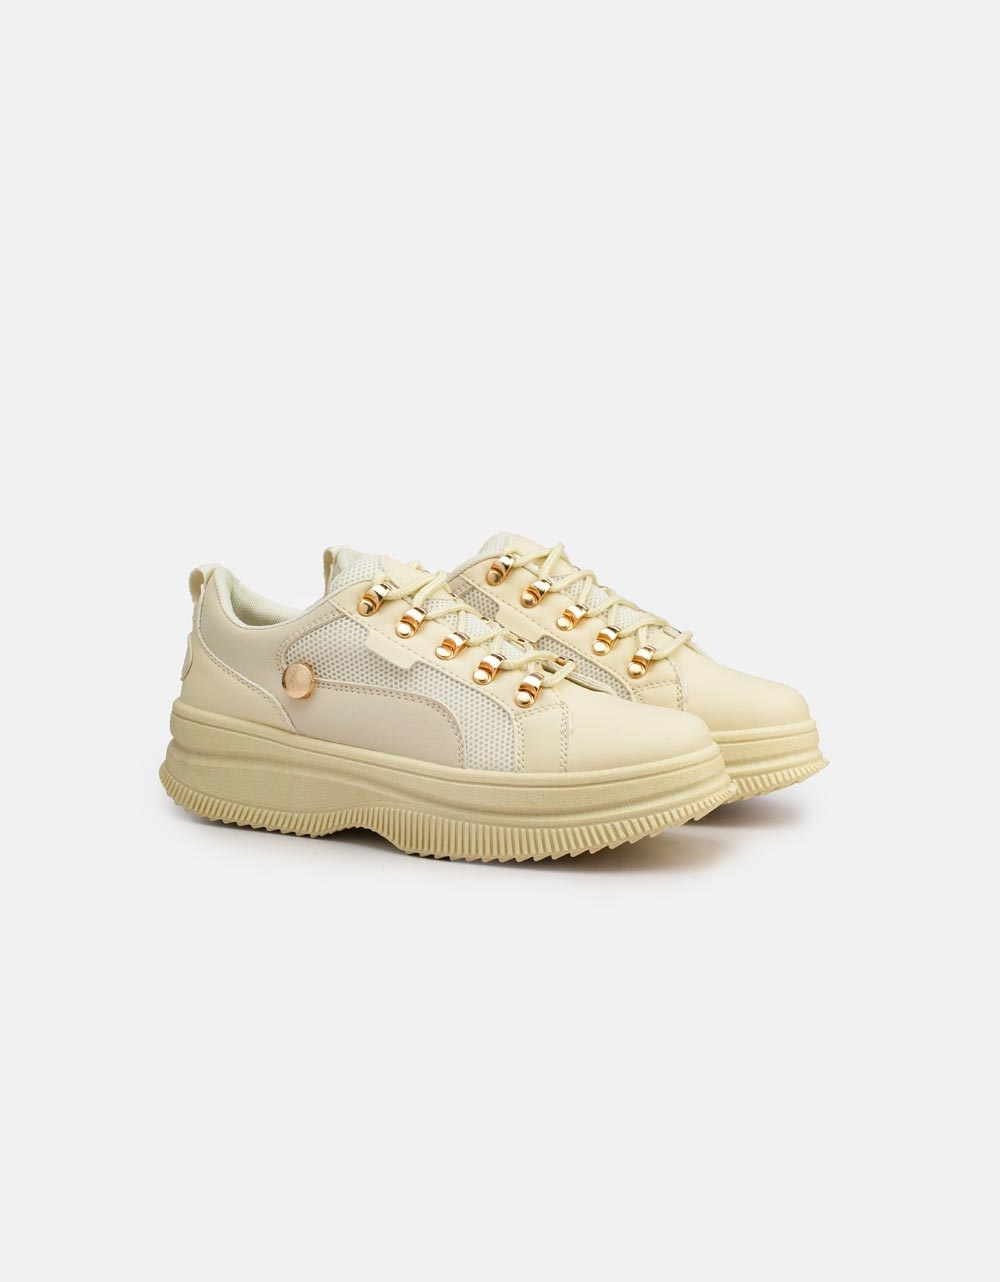 Εικόνα από Γυναικεία sneakers basic με διάτρητο σχέδιο Μπεζ